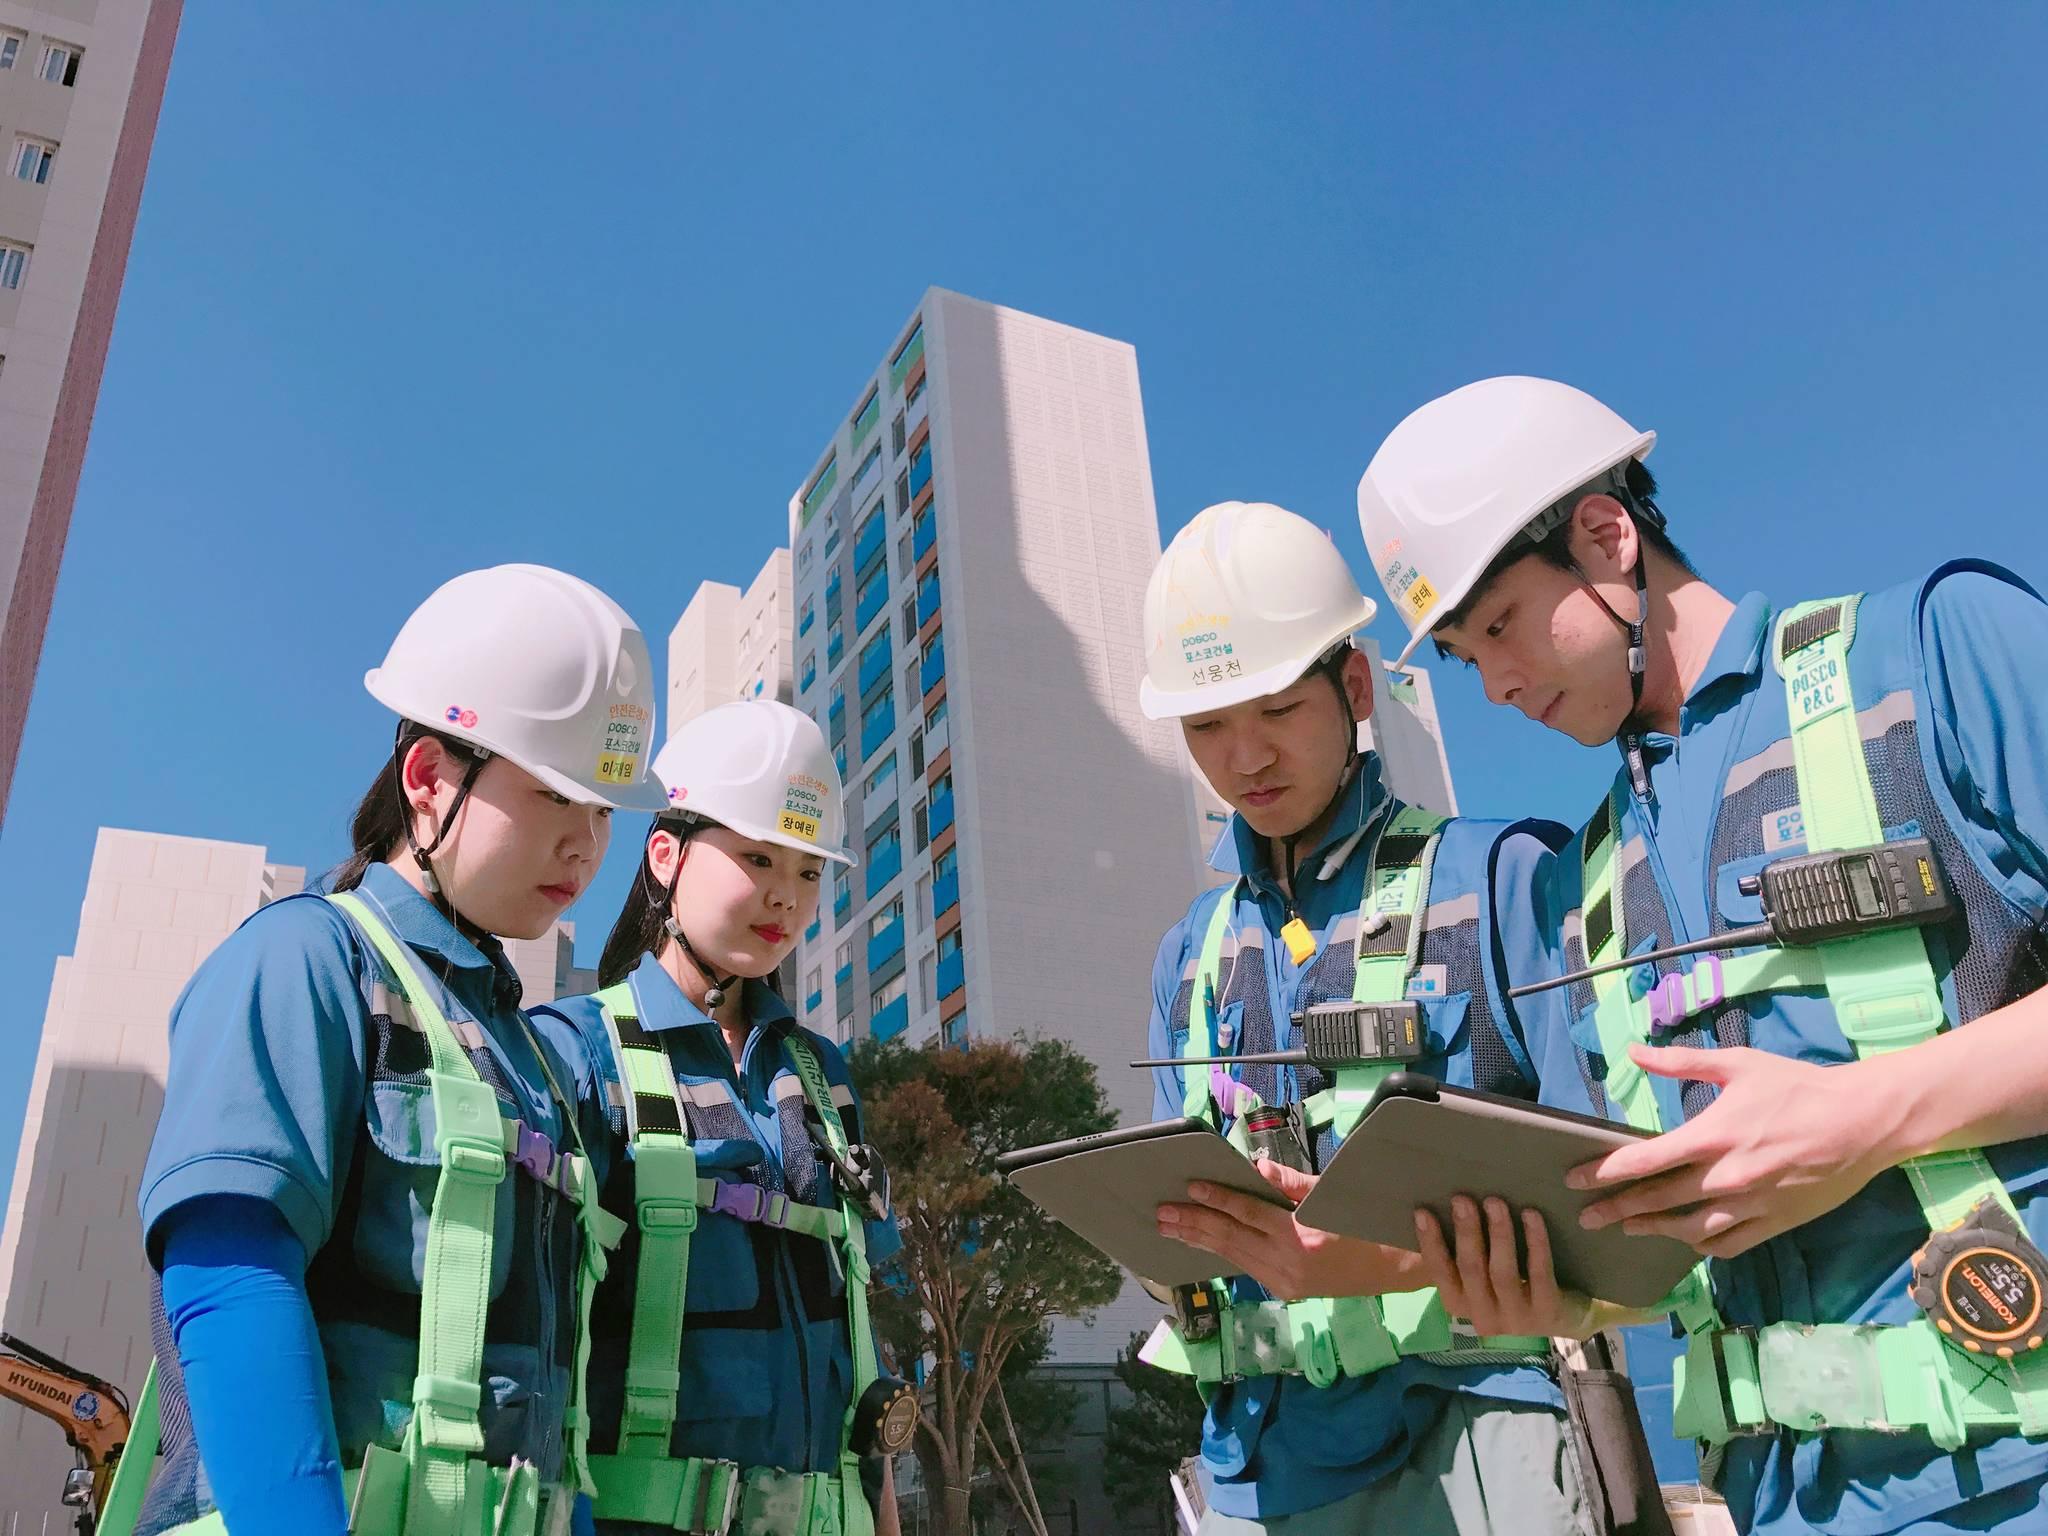 코리아텍(한국기술교육대) 디자인·건축공학부 학생들이 아파트 건설 현장에서 실습하고 있다. 이 학과는 2017 대학평가 건축공학과 평가에서 현장실습비율이 평가 대학 중 넷째로 높았다. [사진 코리아텍]